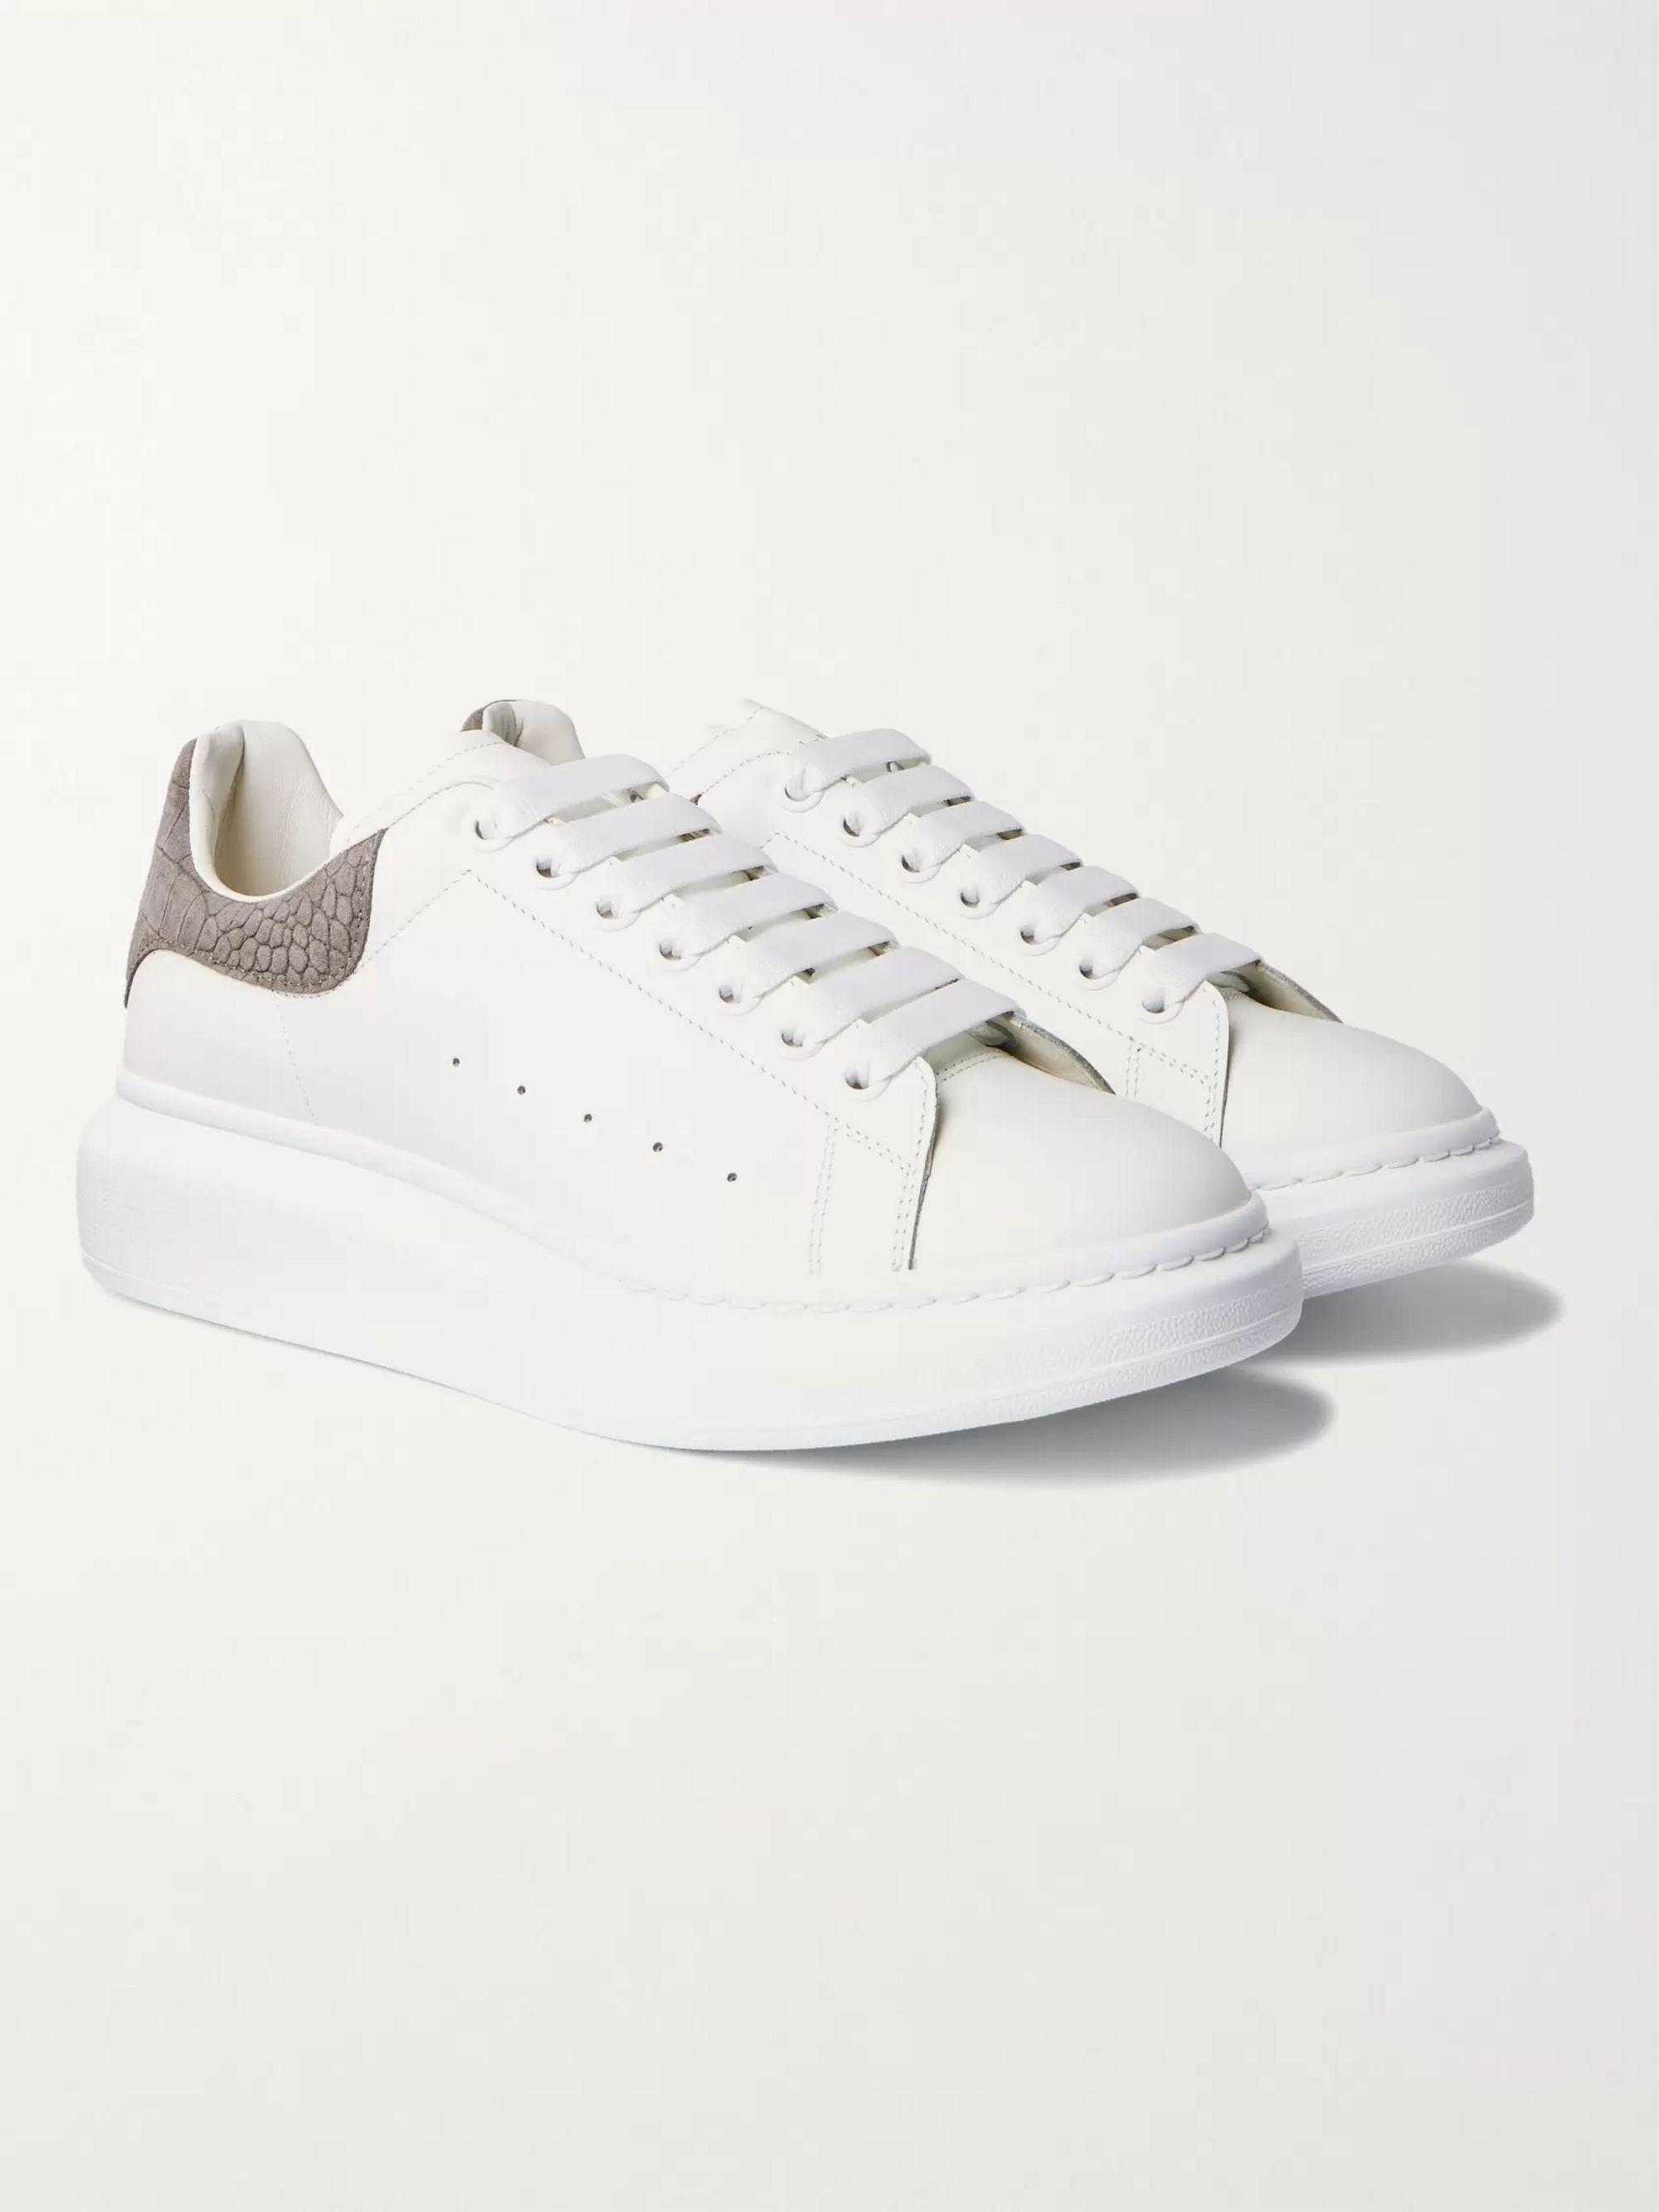 알렉산더 맥퀸 Alexander McQueen Exaggerated-Sole Croc Effect Suede-Trimmed Leather Sneakers,White